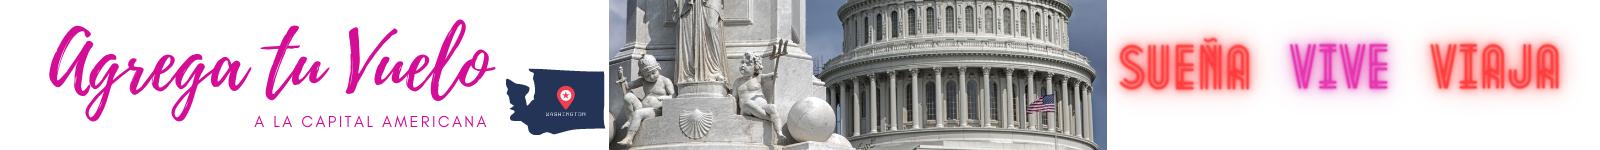 Washington DC Vuelo (1)